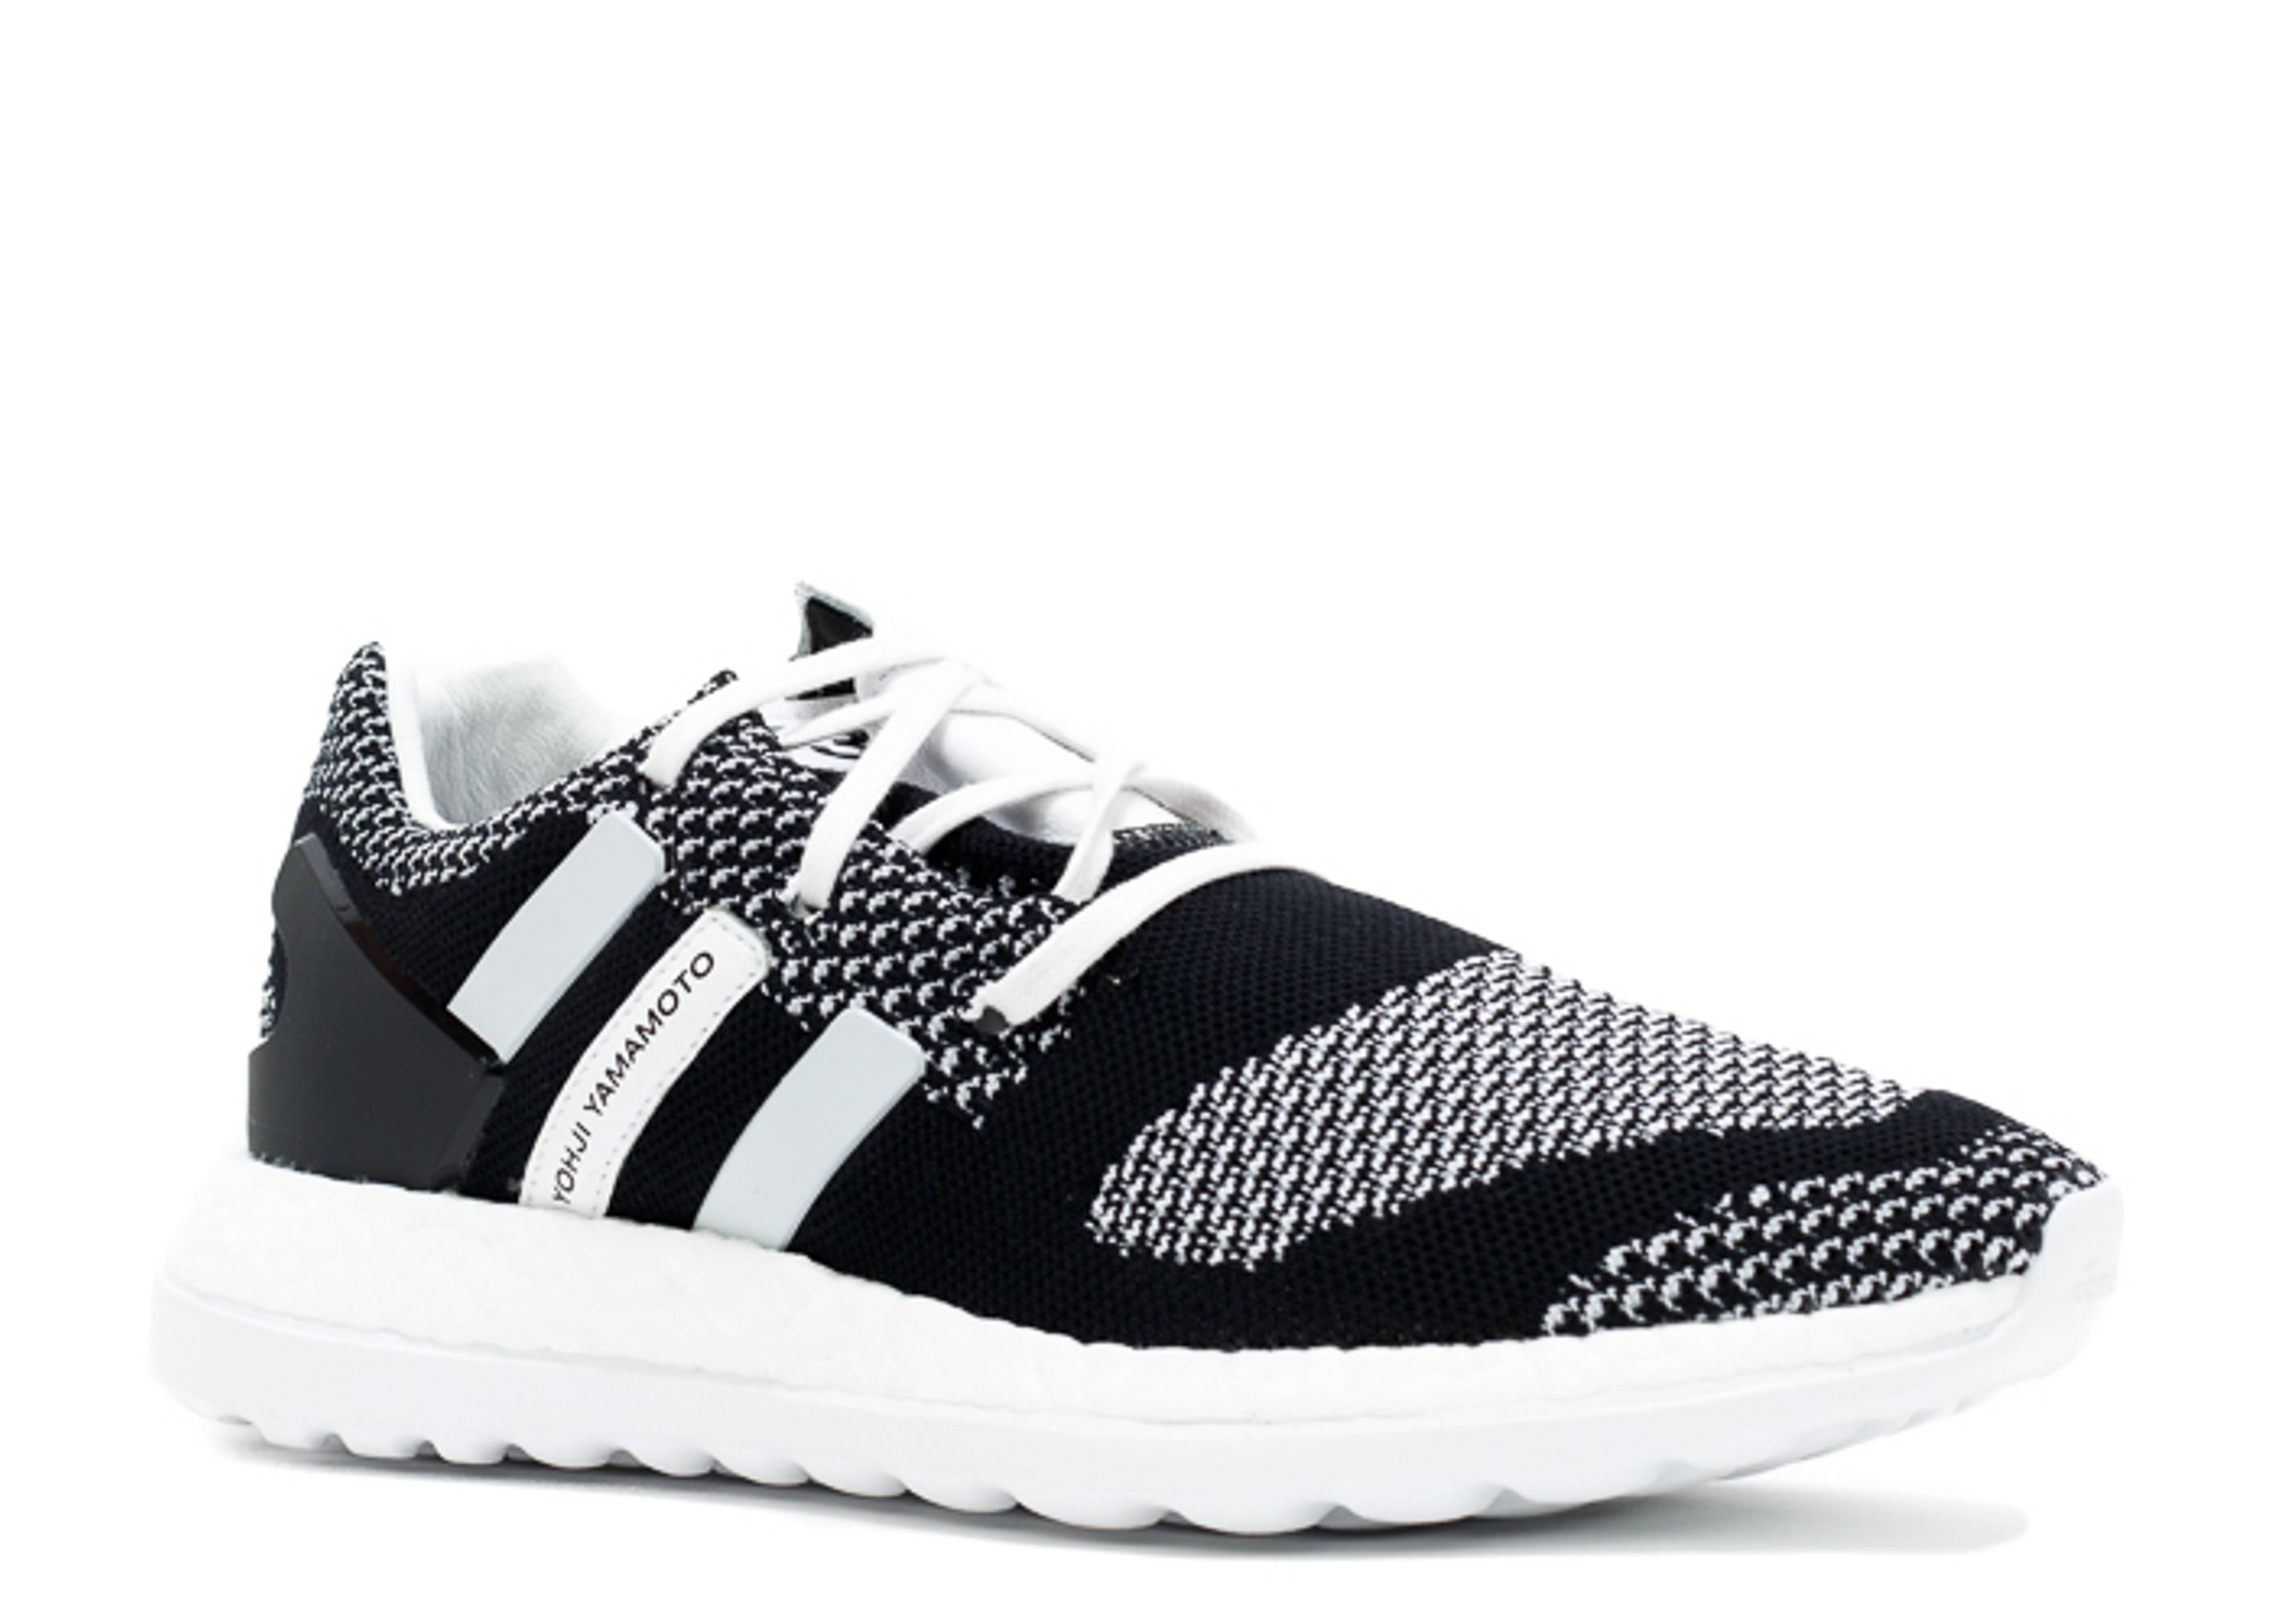 3436261689aeb Adidas Y3 Pure Boost Zg Knit